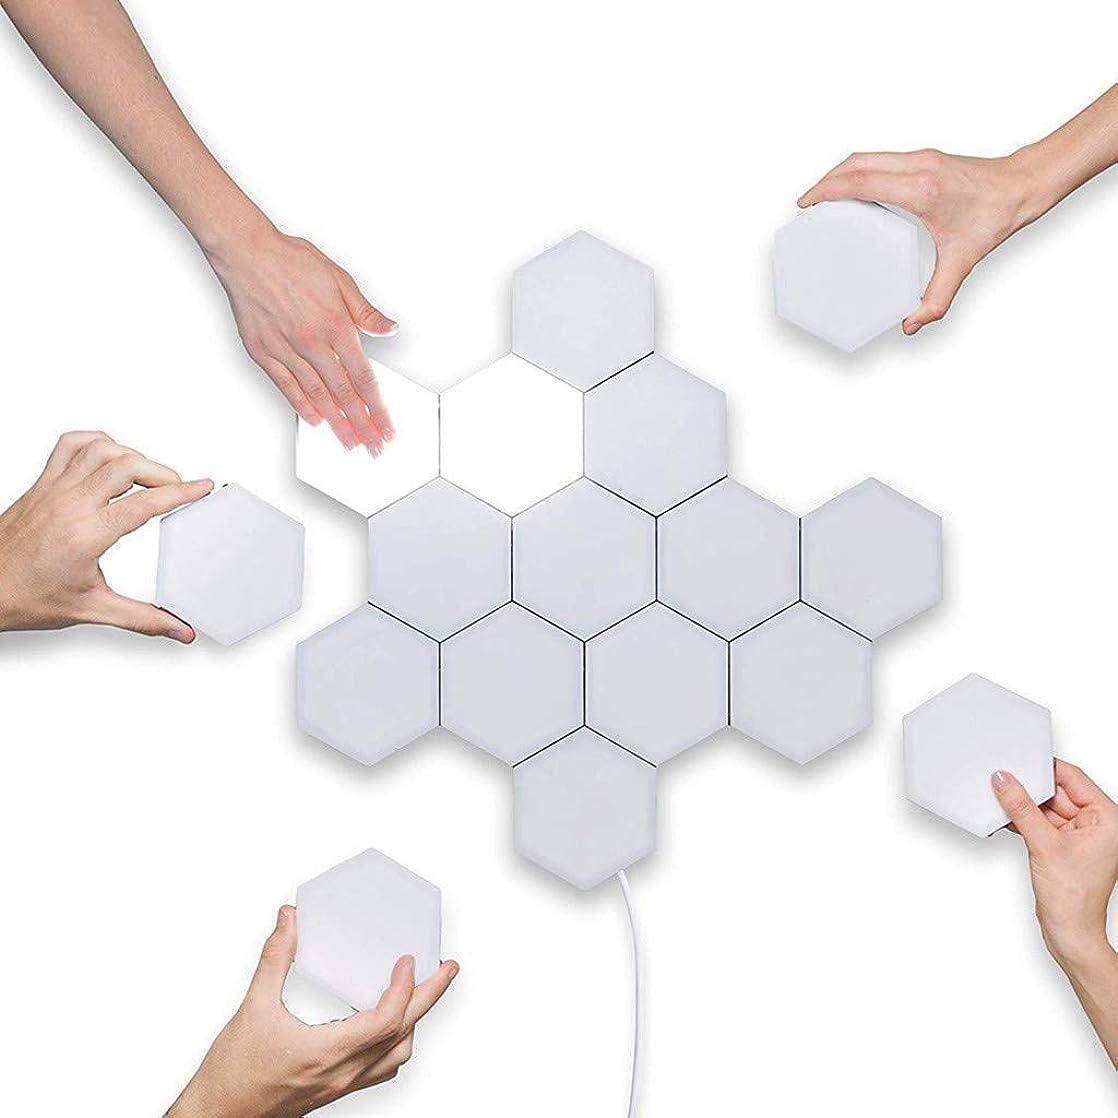 無意味特にエッセンスLED六角ライトクリエイティブジオメトリアセンブリLEDモジュラータッチDIY量子ライトクリエイティブデコレーションウォールスマートLEDライトパネル